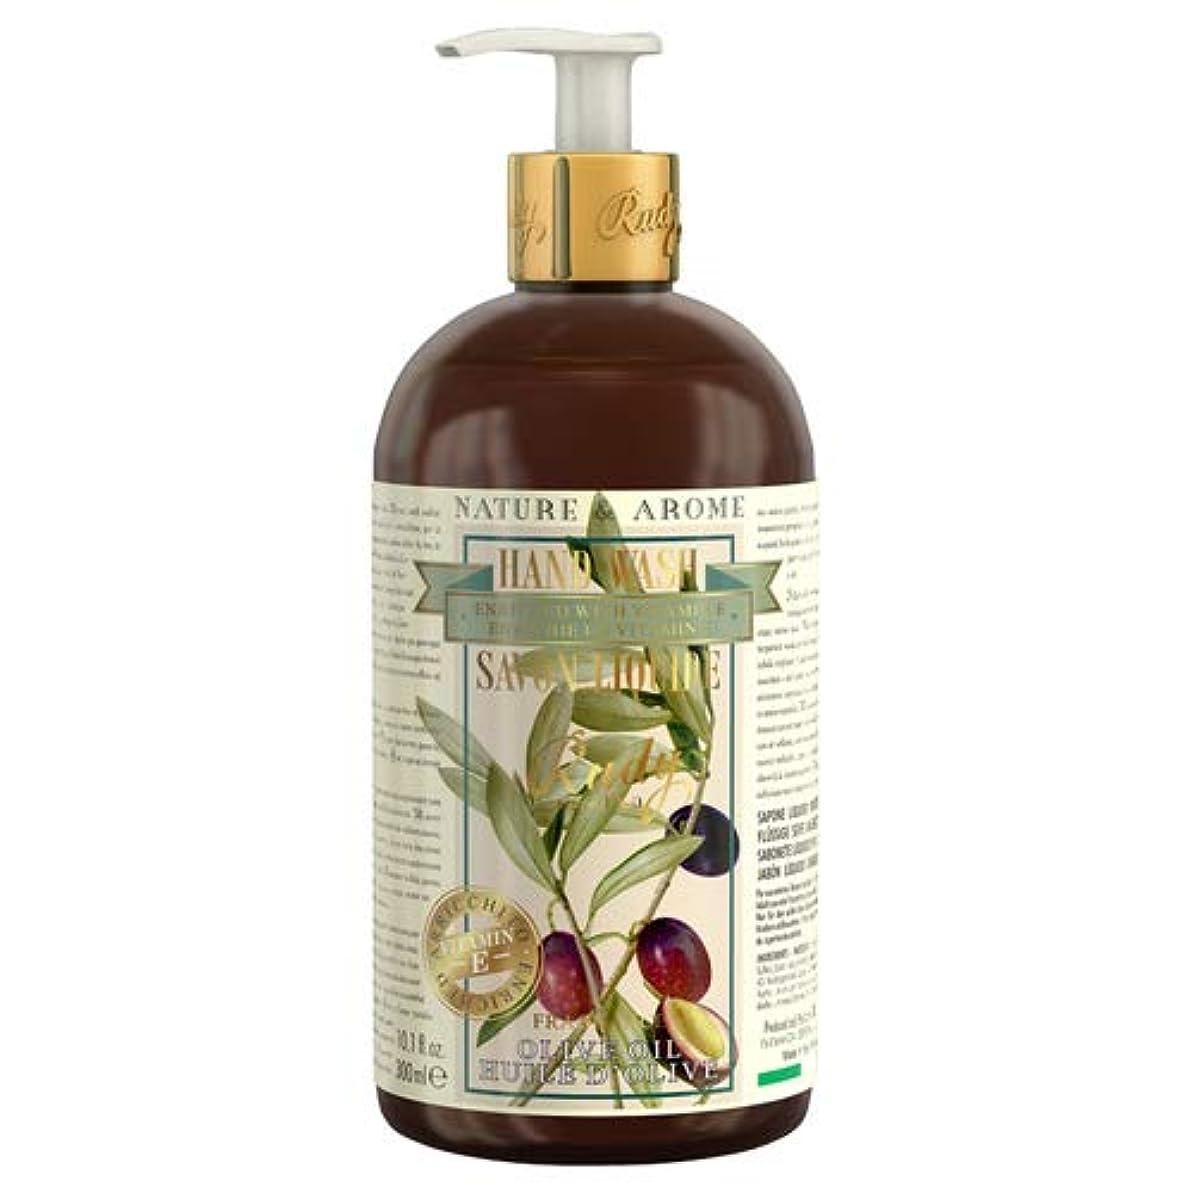 満足ポータブルセマフォRUDY Nature&Arome Apothecary ネイチャーアロマ アポセカリー Hand Wash ハンドウォッシュ(ボディソープ) Olive Oil オリーブオイル